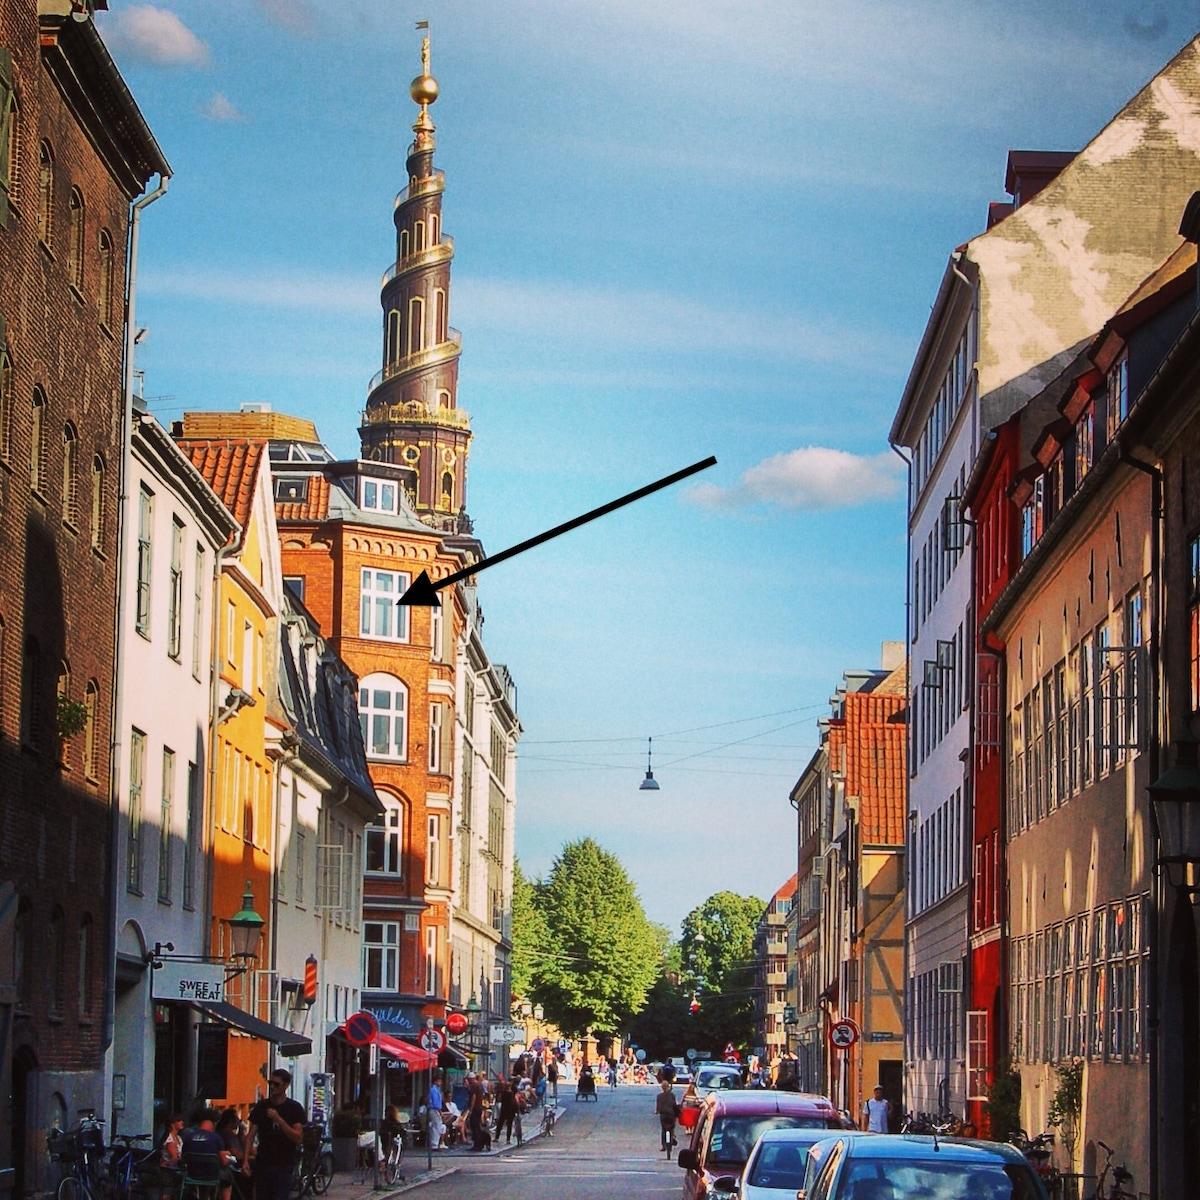 Copenhagen Christianshavn, Big room